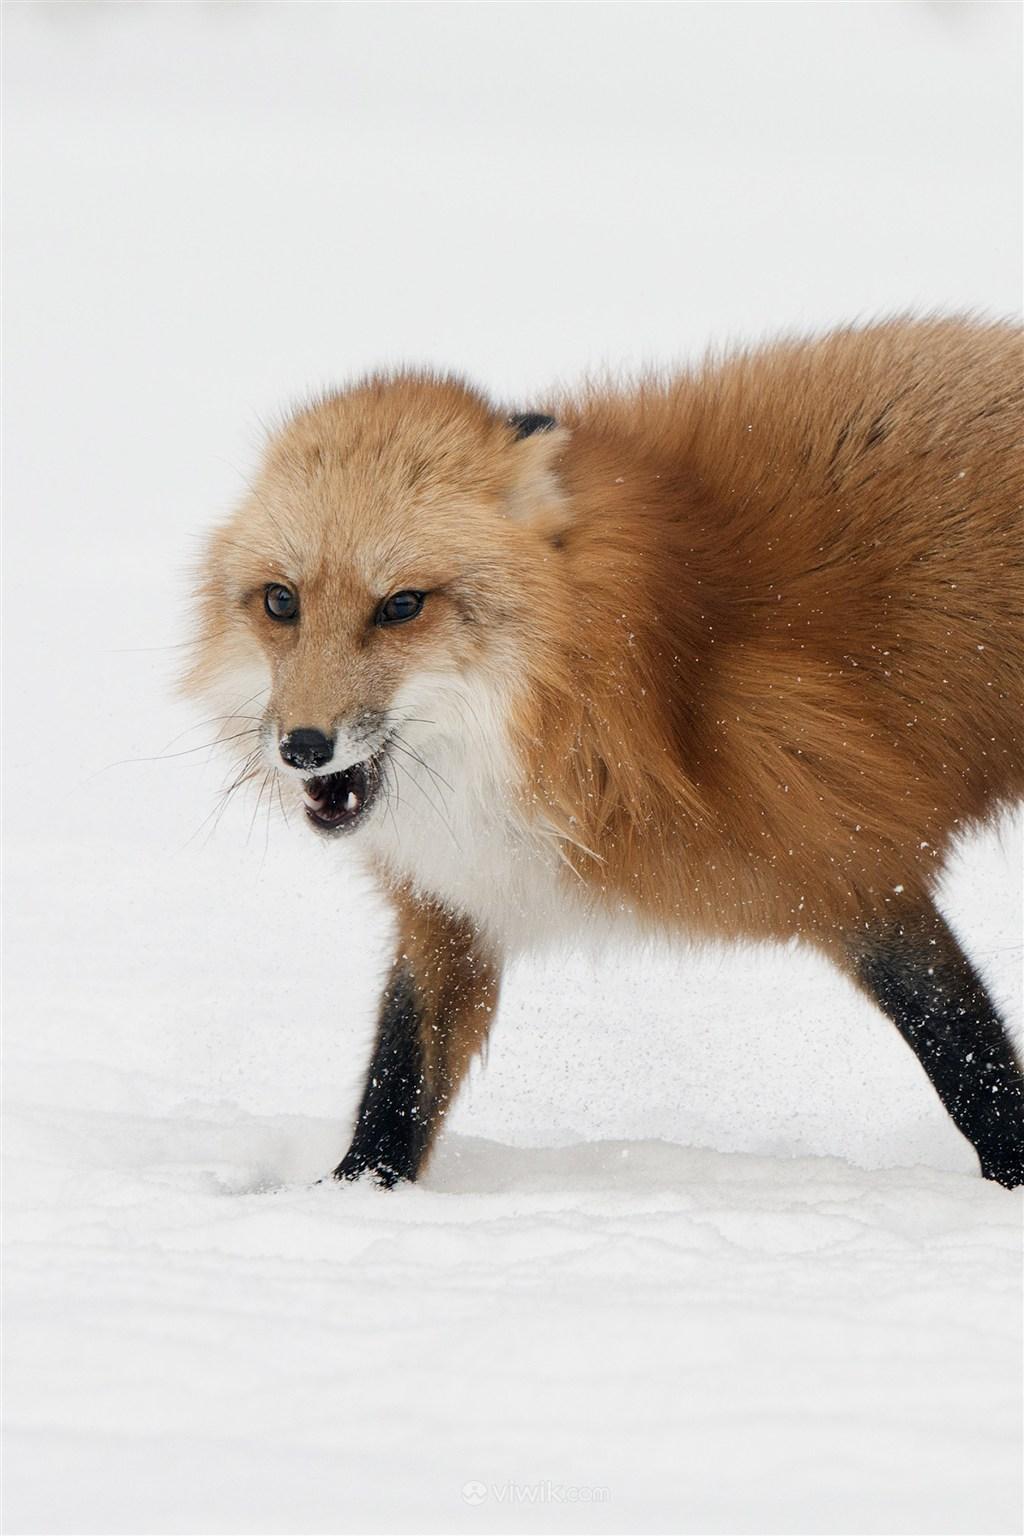 高清呲牙的狐狸野生动物图片